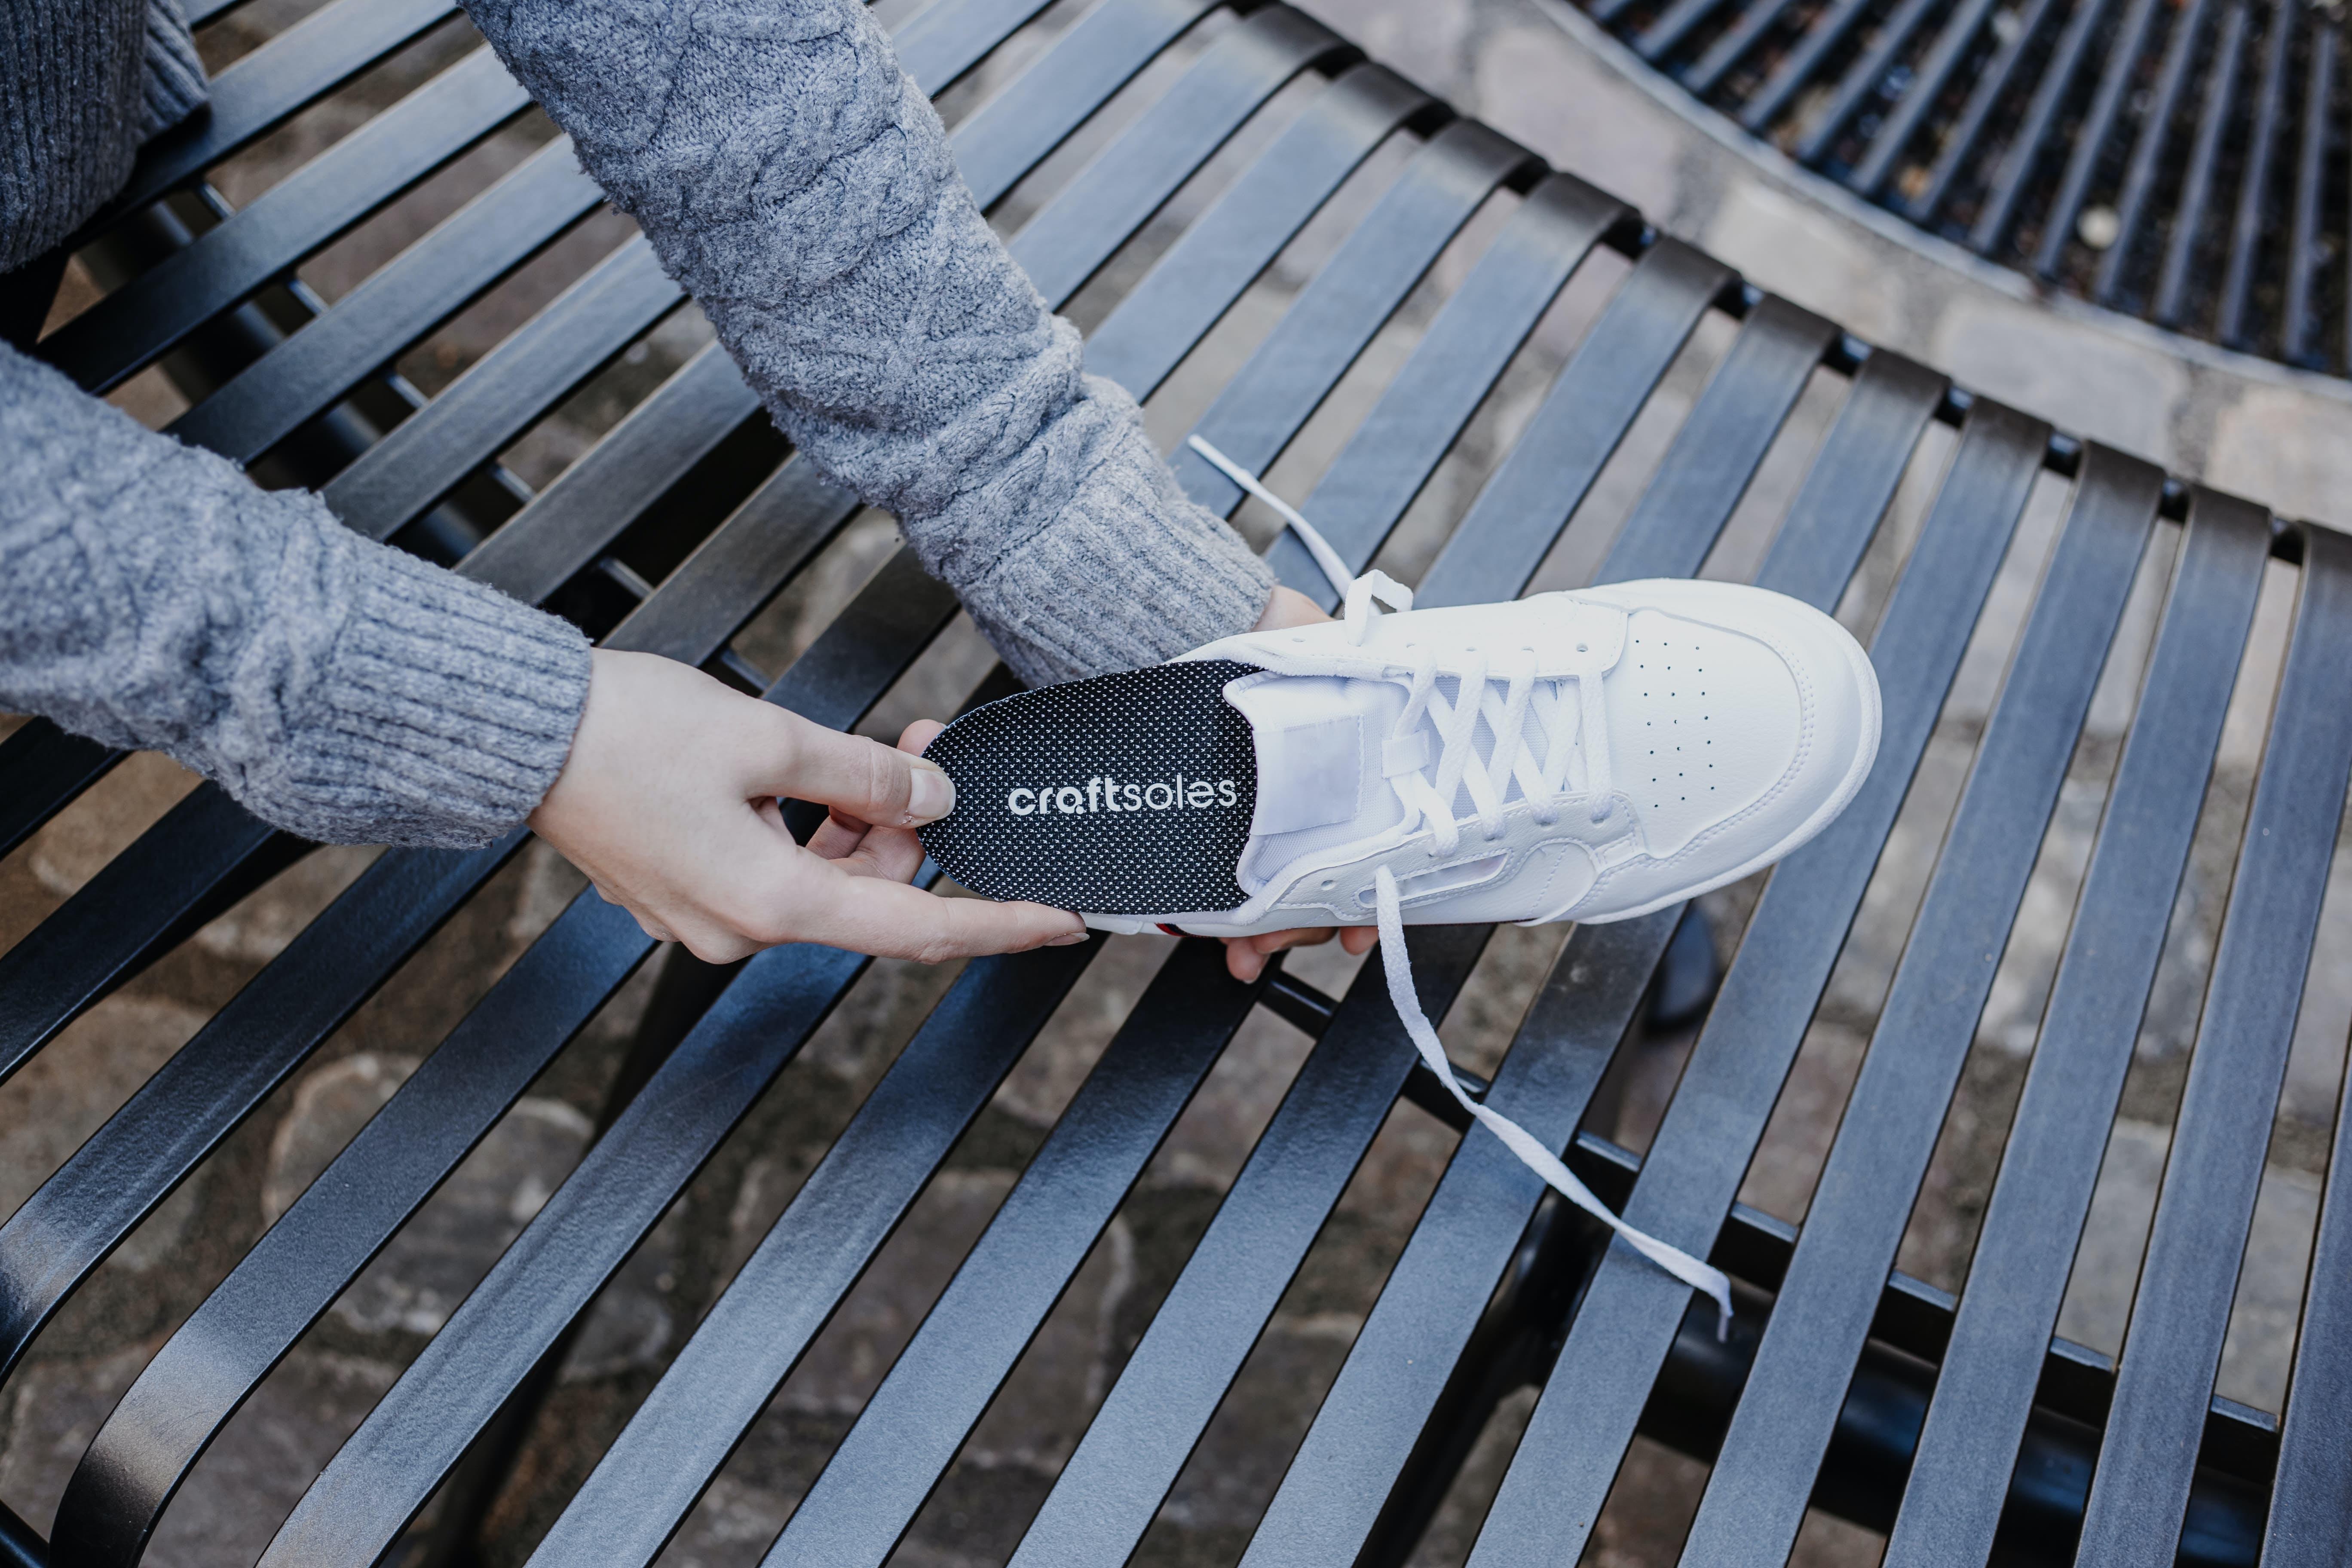 Adidas Schuhe für Einlagen